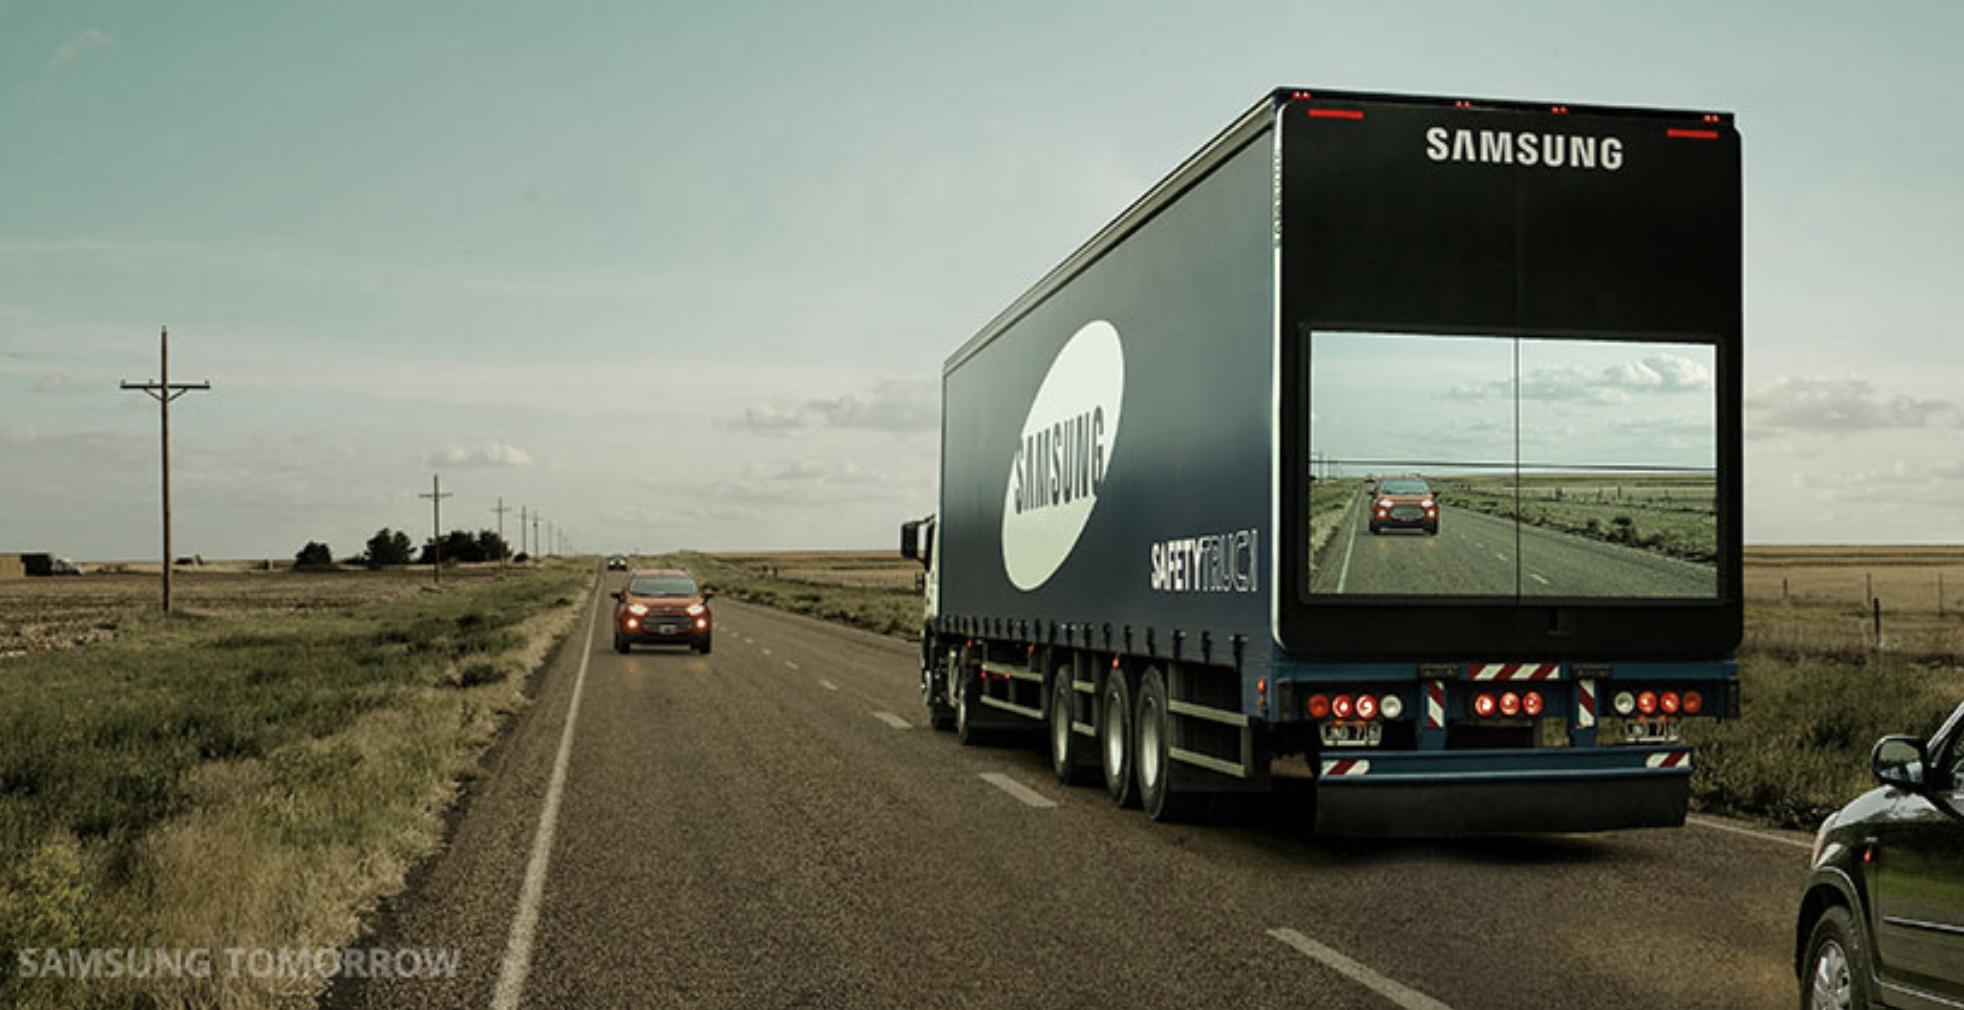 Samsung Safety Truck Alt Rear View